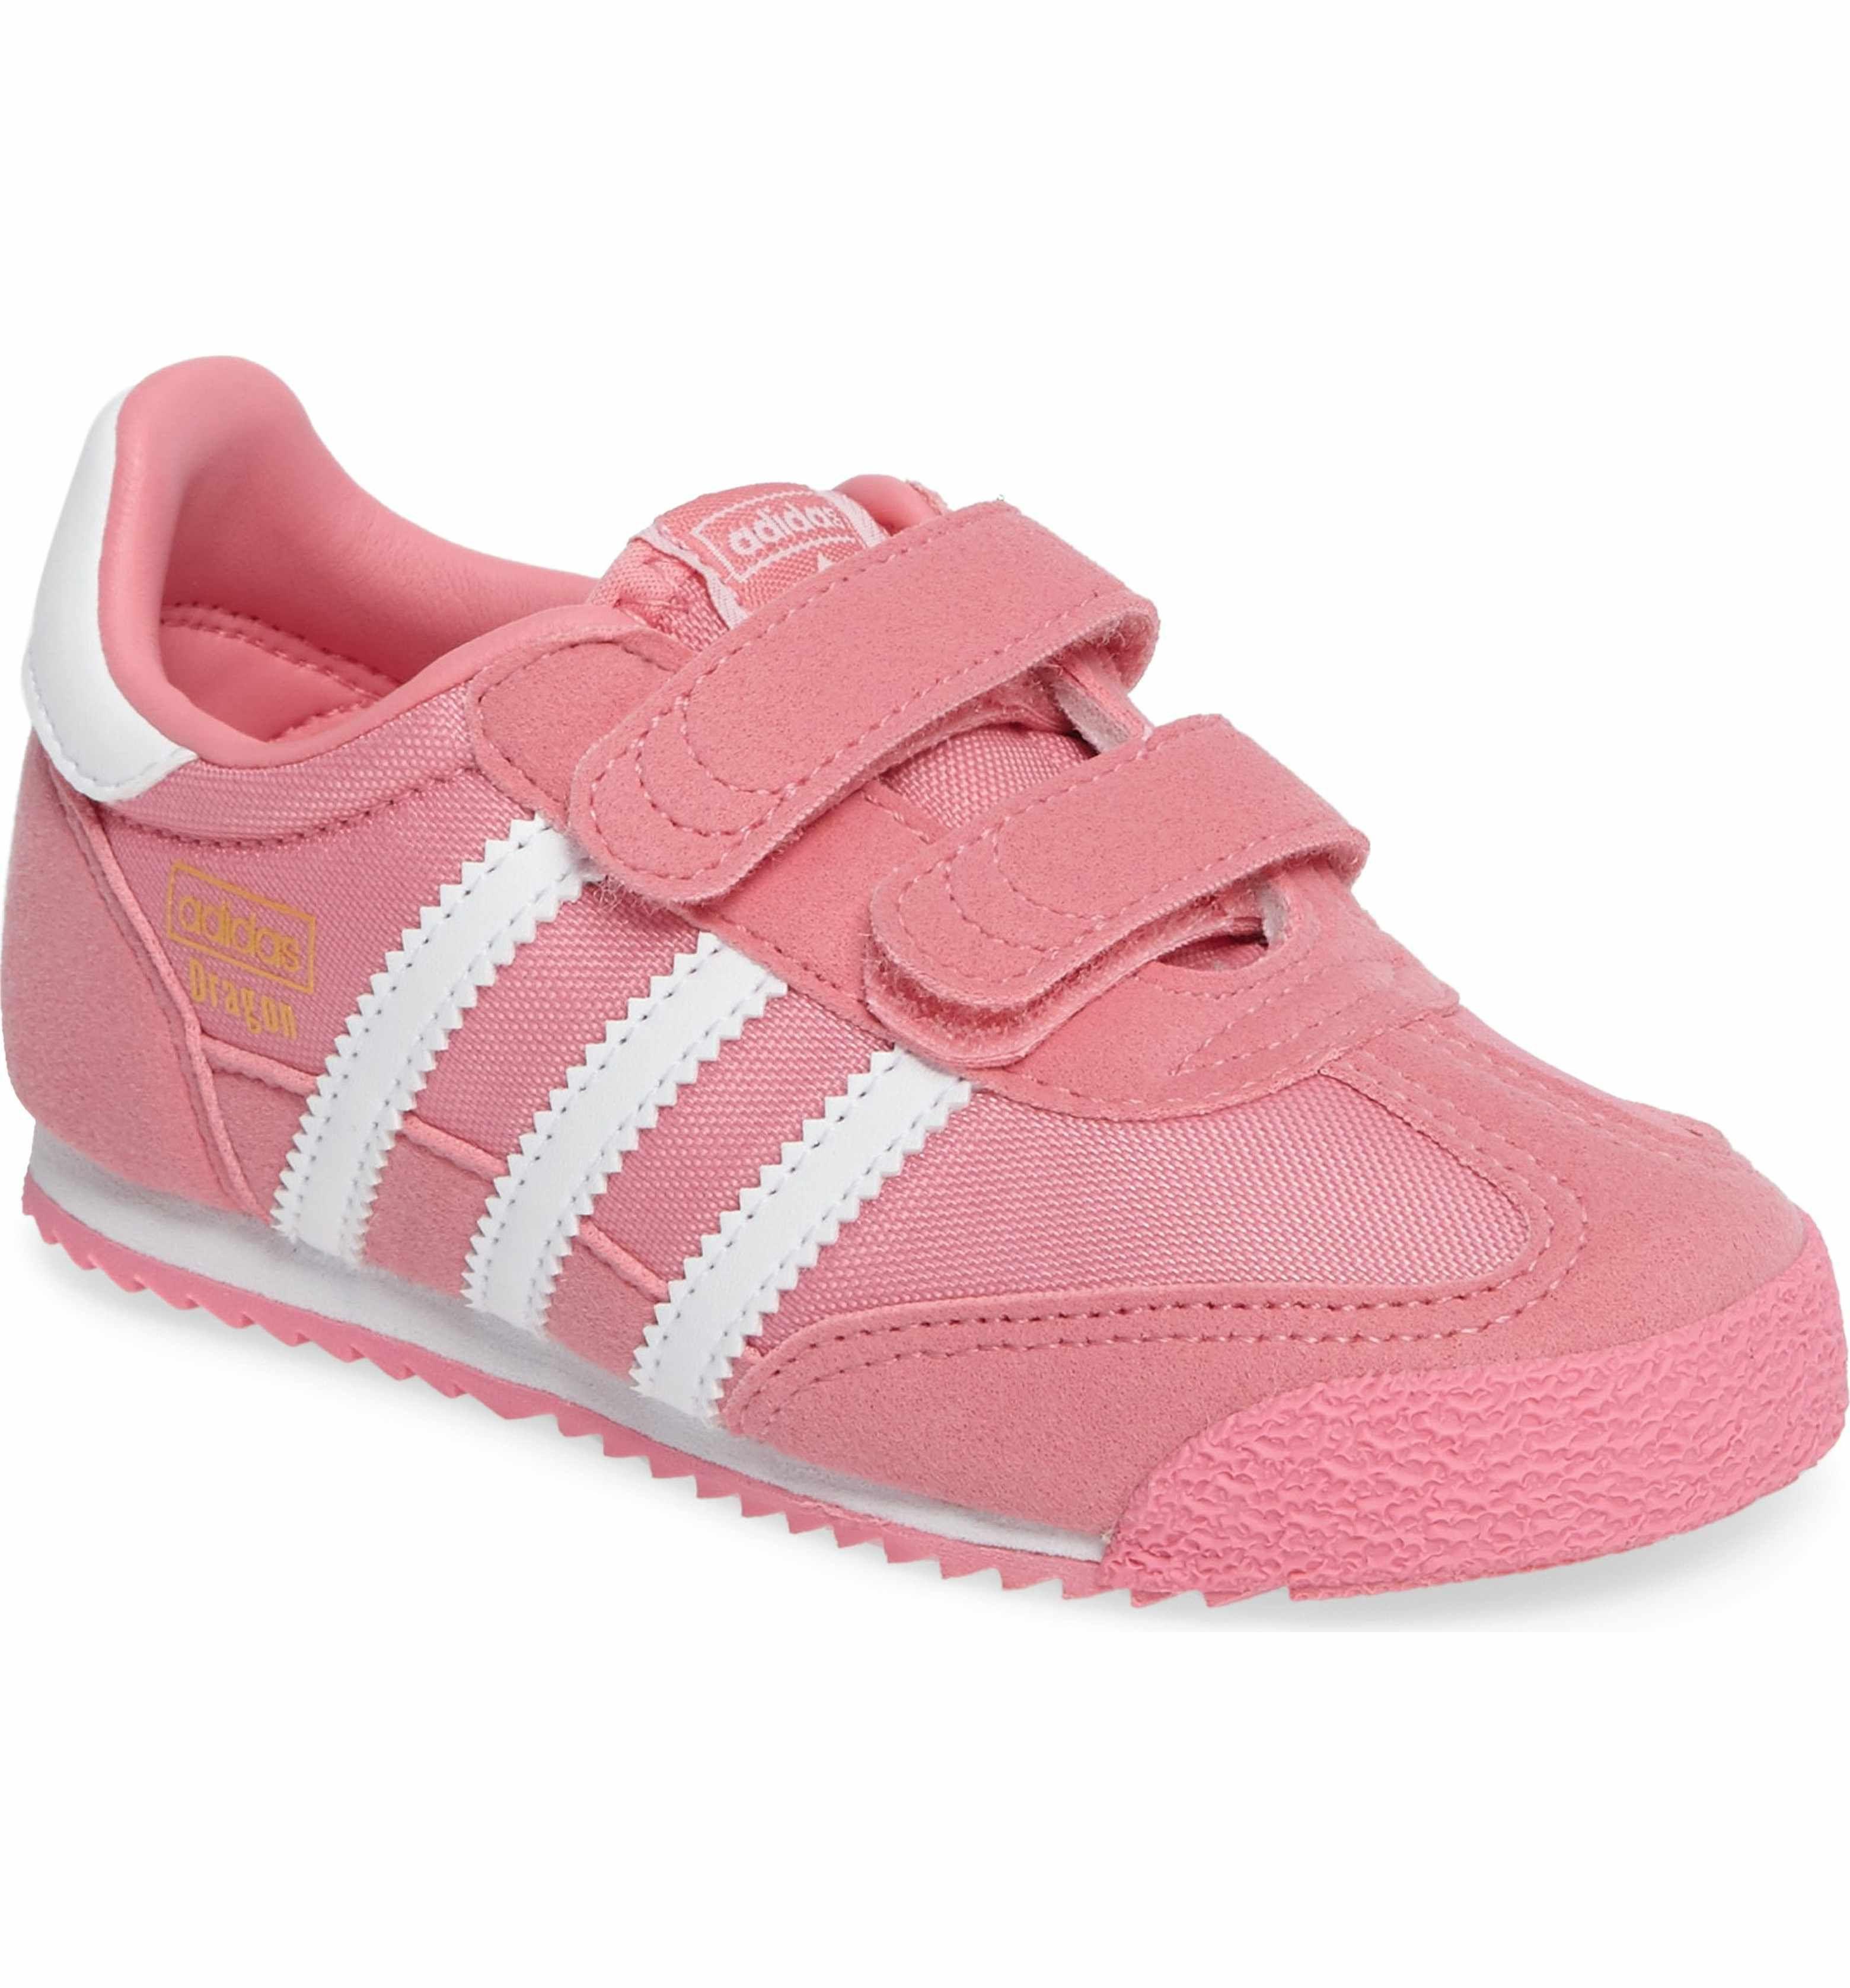 best service a42c3 3d753 Main Image - adidas Dragon OG CF Athletic Shoe (Baby, Walker  Toddler)